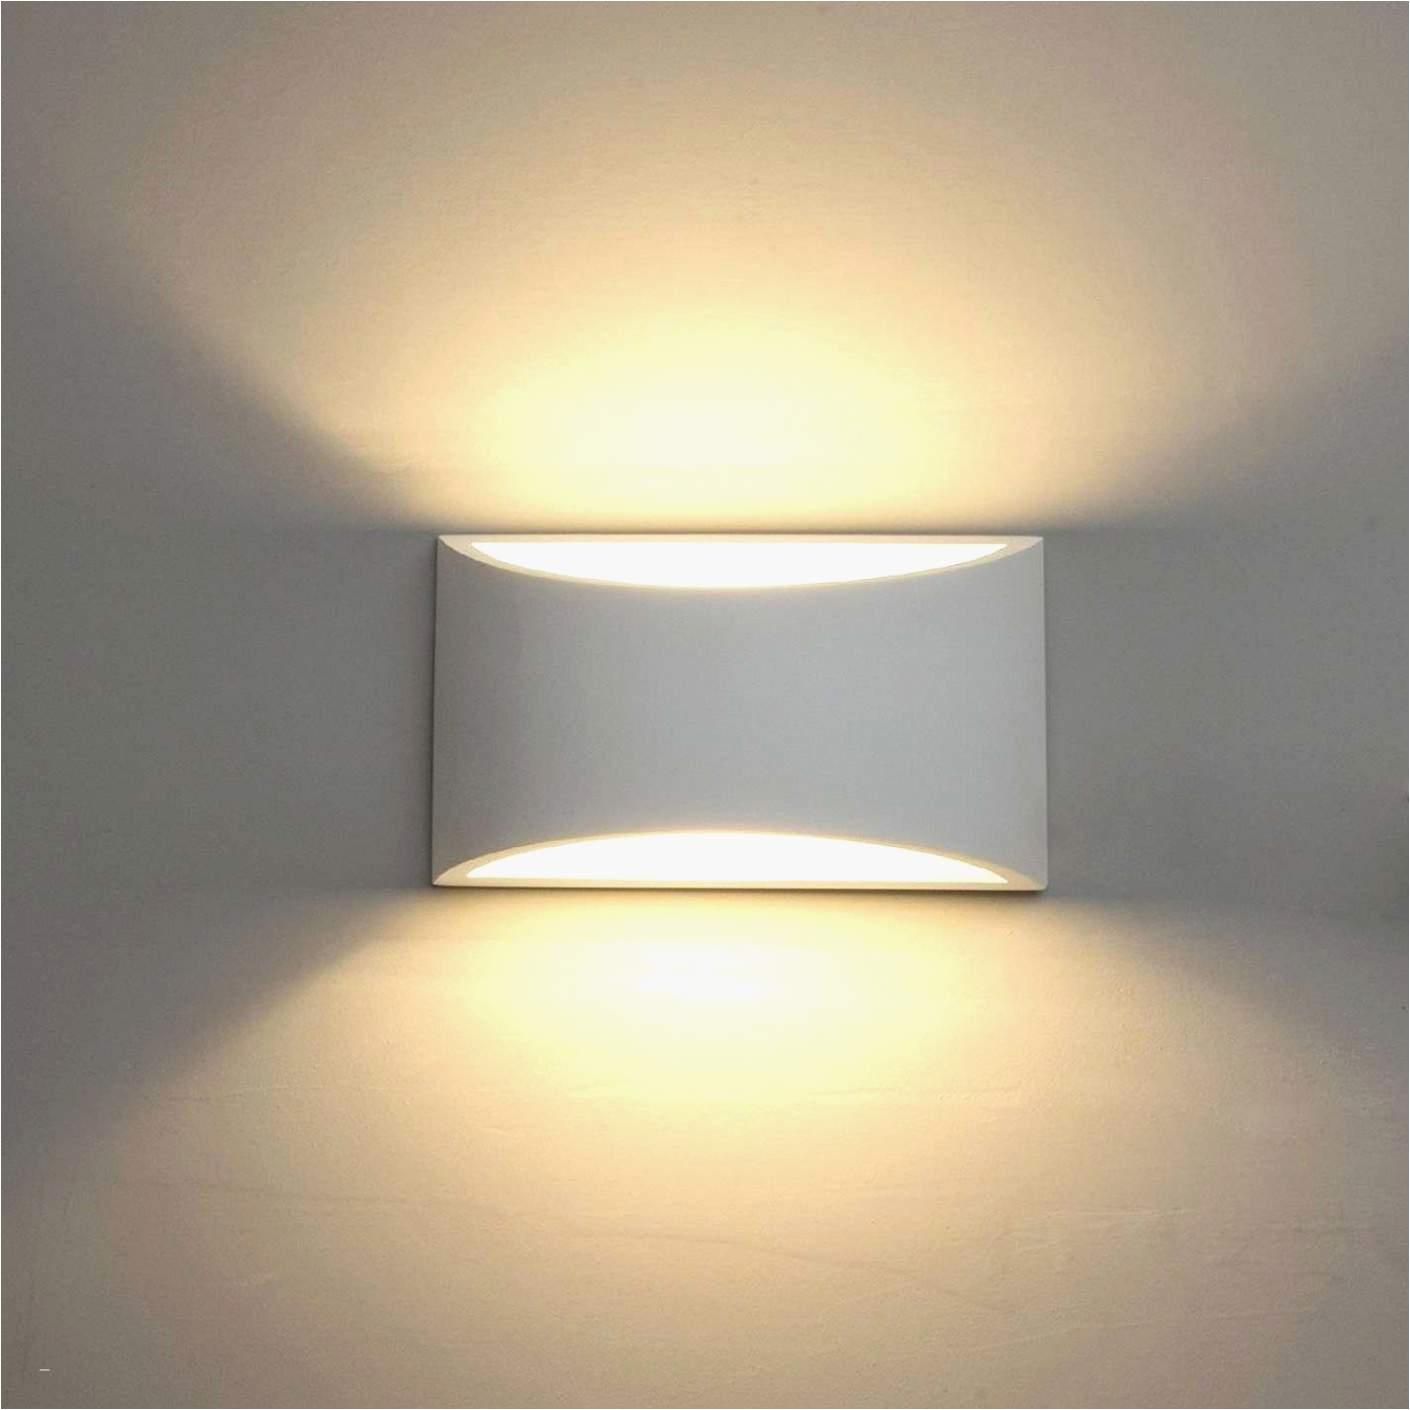 Lampe Schlafzimmer Design Deckenlampe Wohnzimmer Modern Inspirierend Deckenlampe